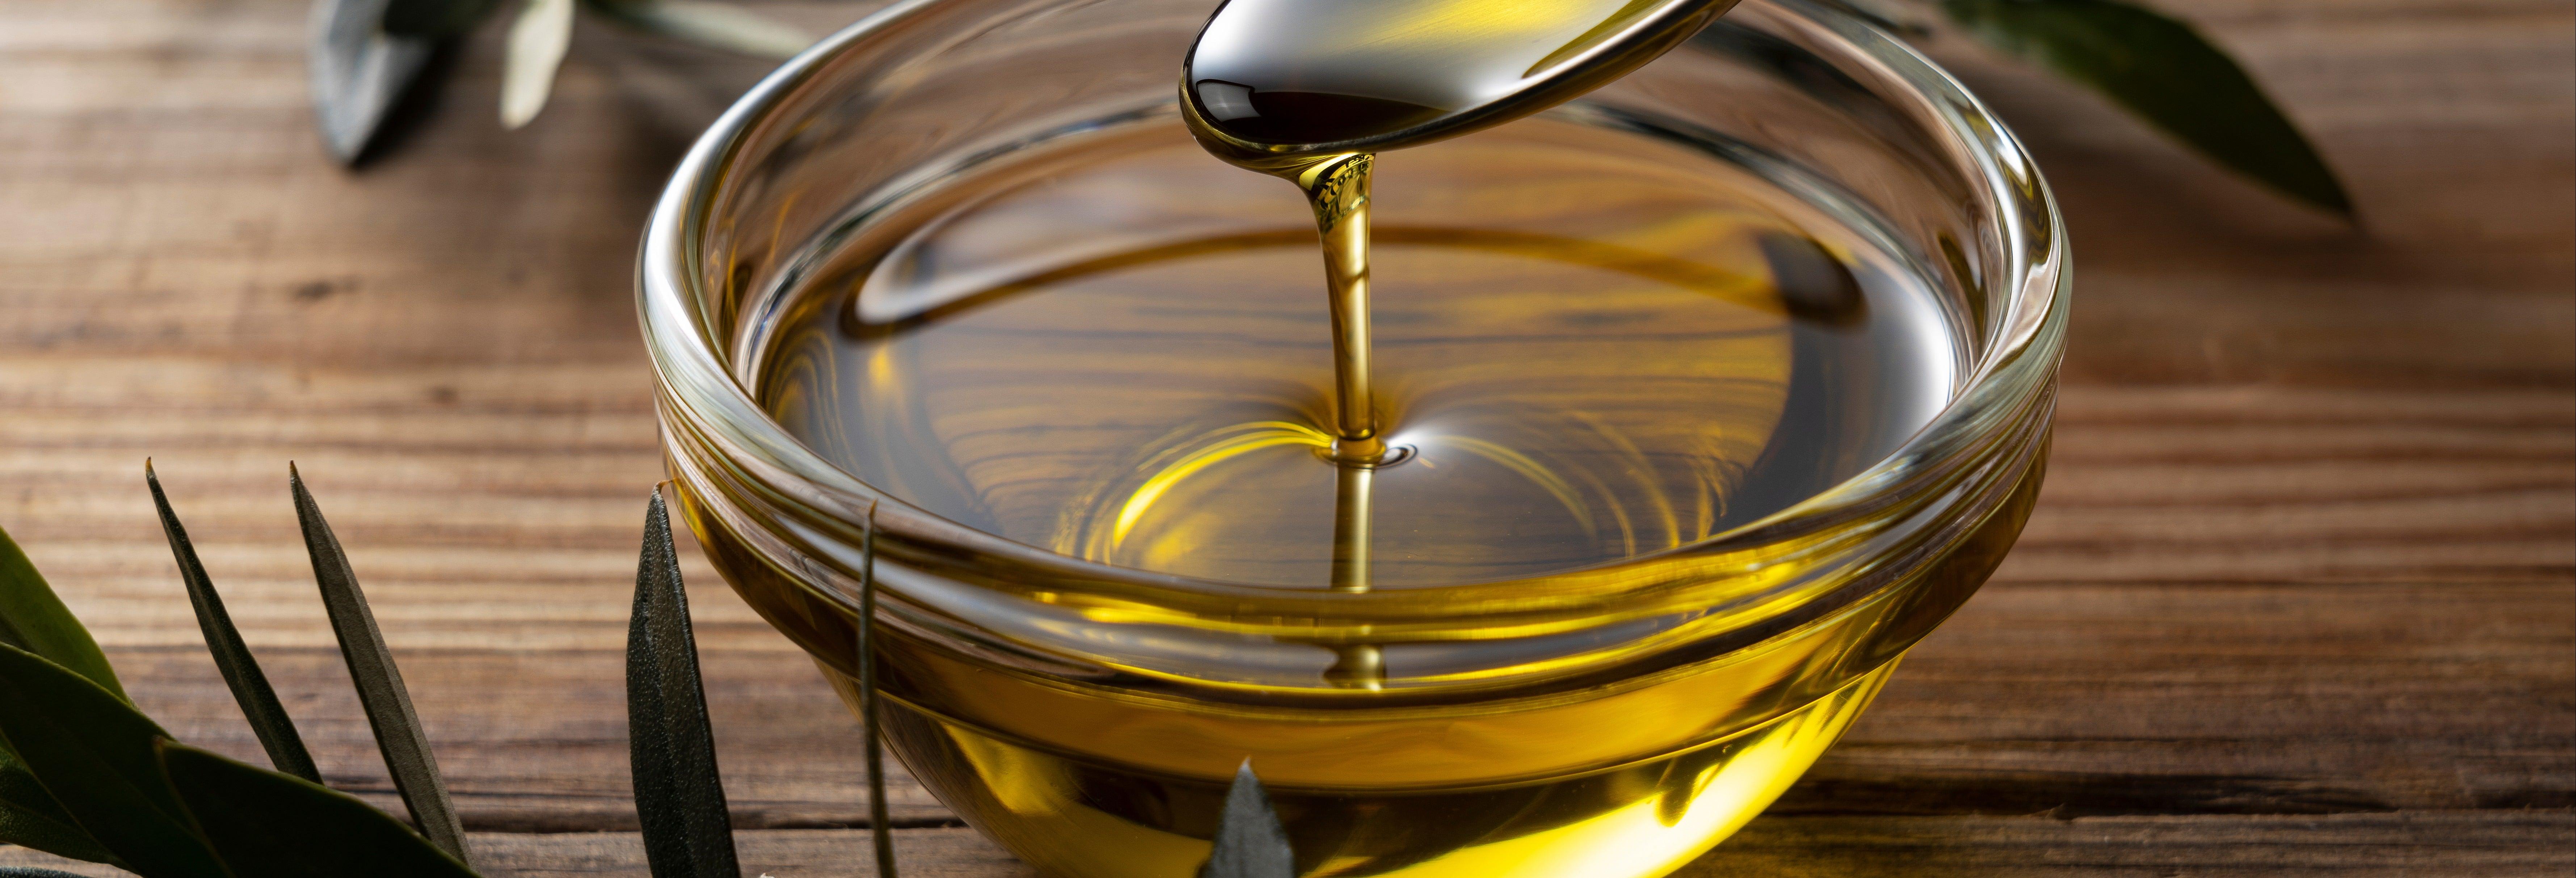 Excursión a un olivar y una almazara + Cata de aceites